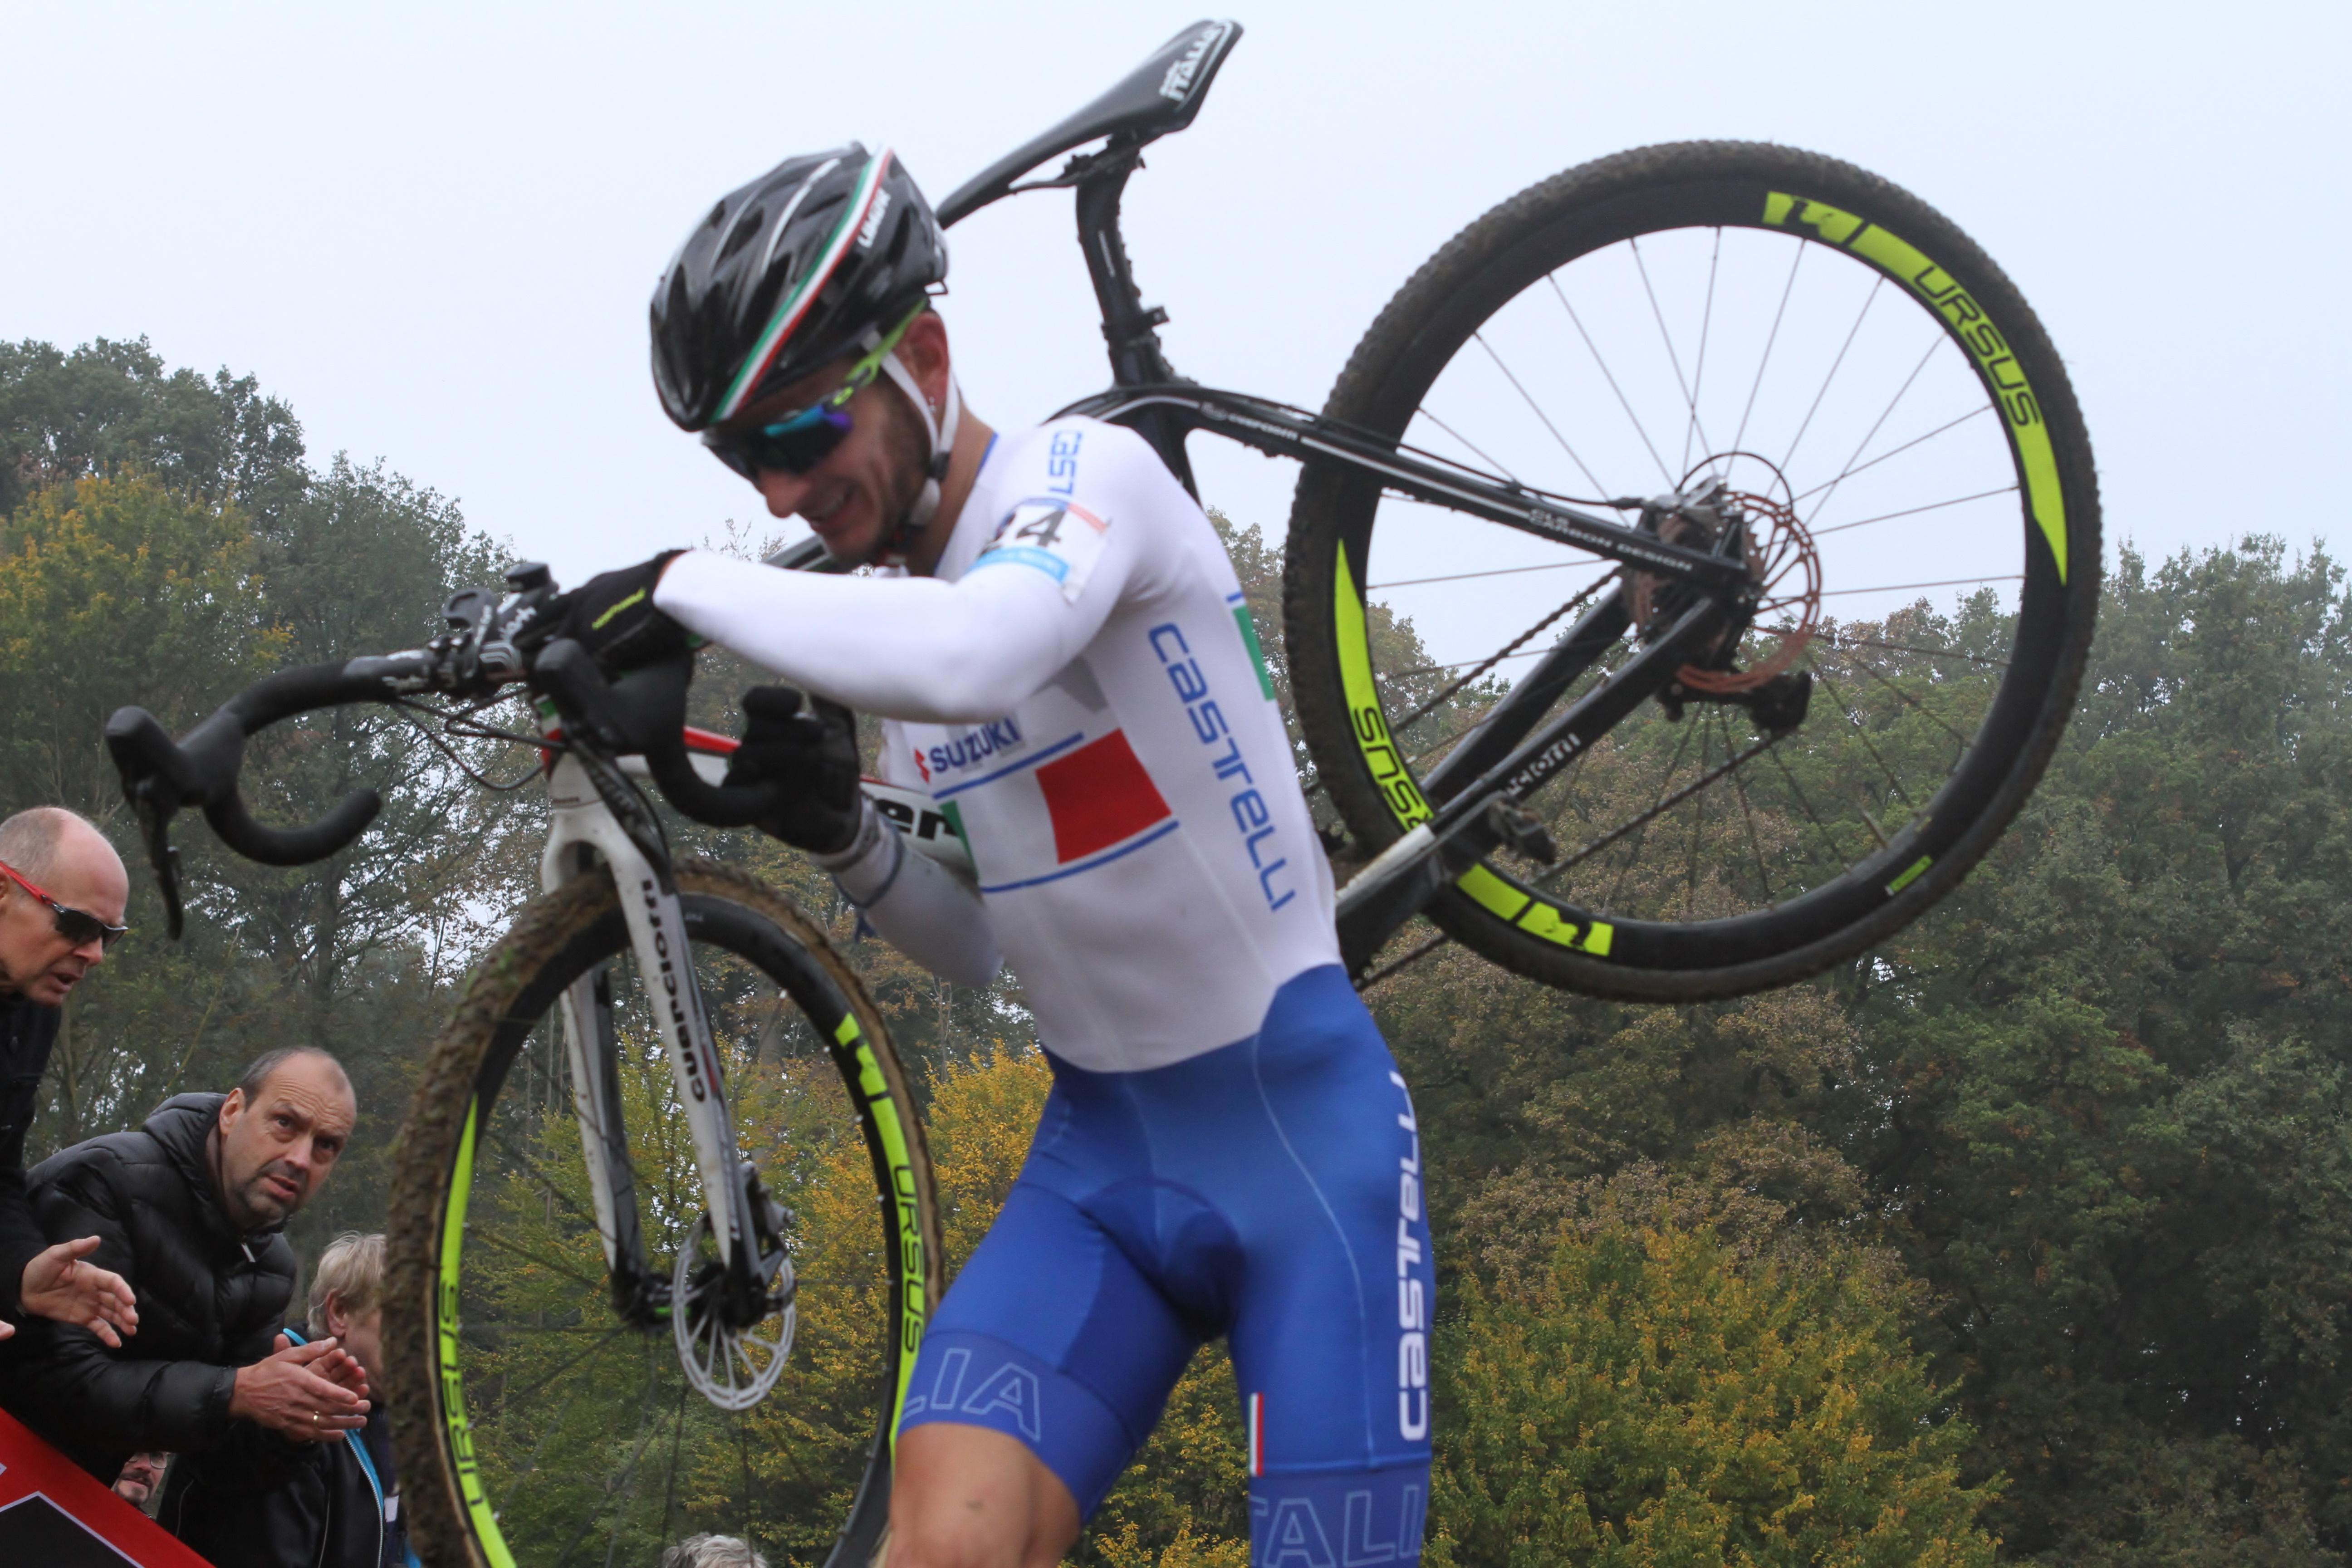 Gioele Bertolini wint bij de beloften, Quinten Hermans derde in Valkenburg